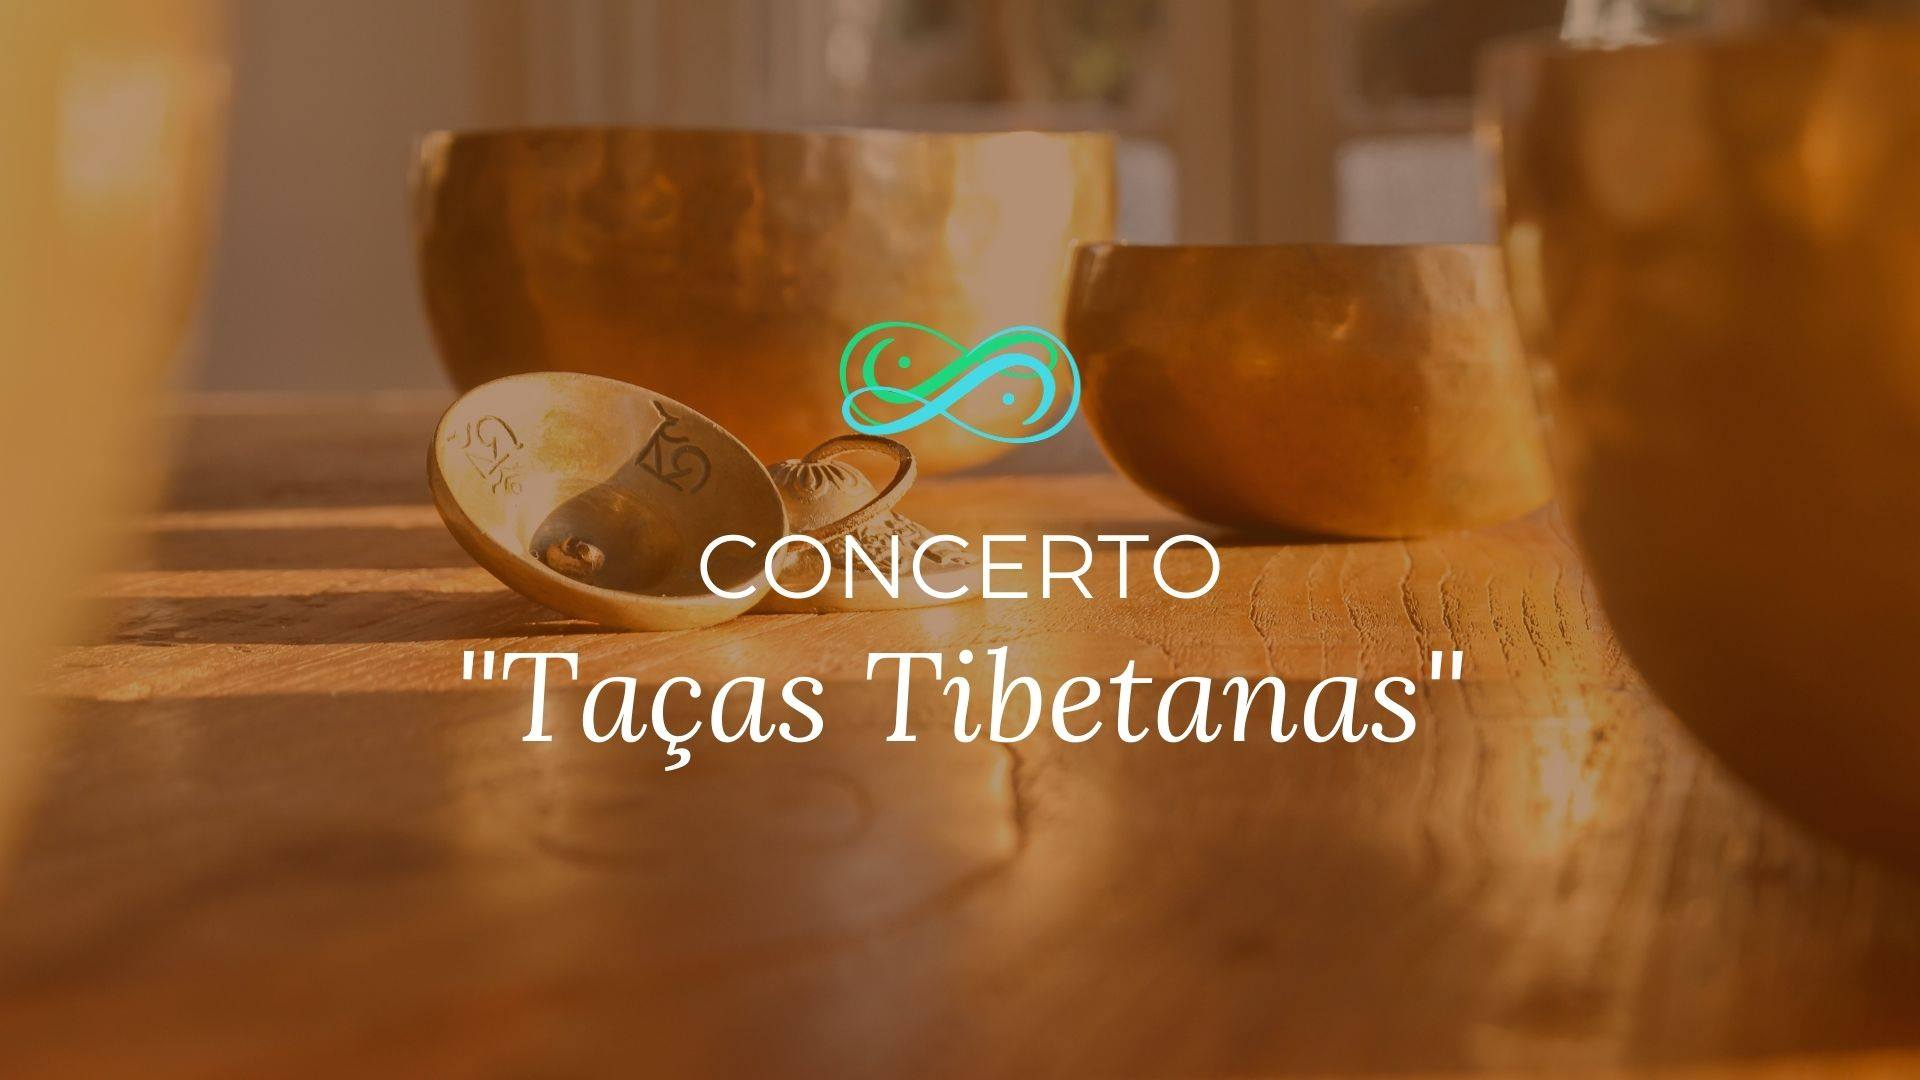 CONCERTO MEDITATIVO com TAÇAS TIBETANAS